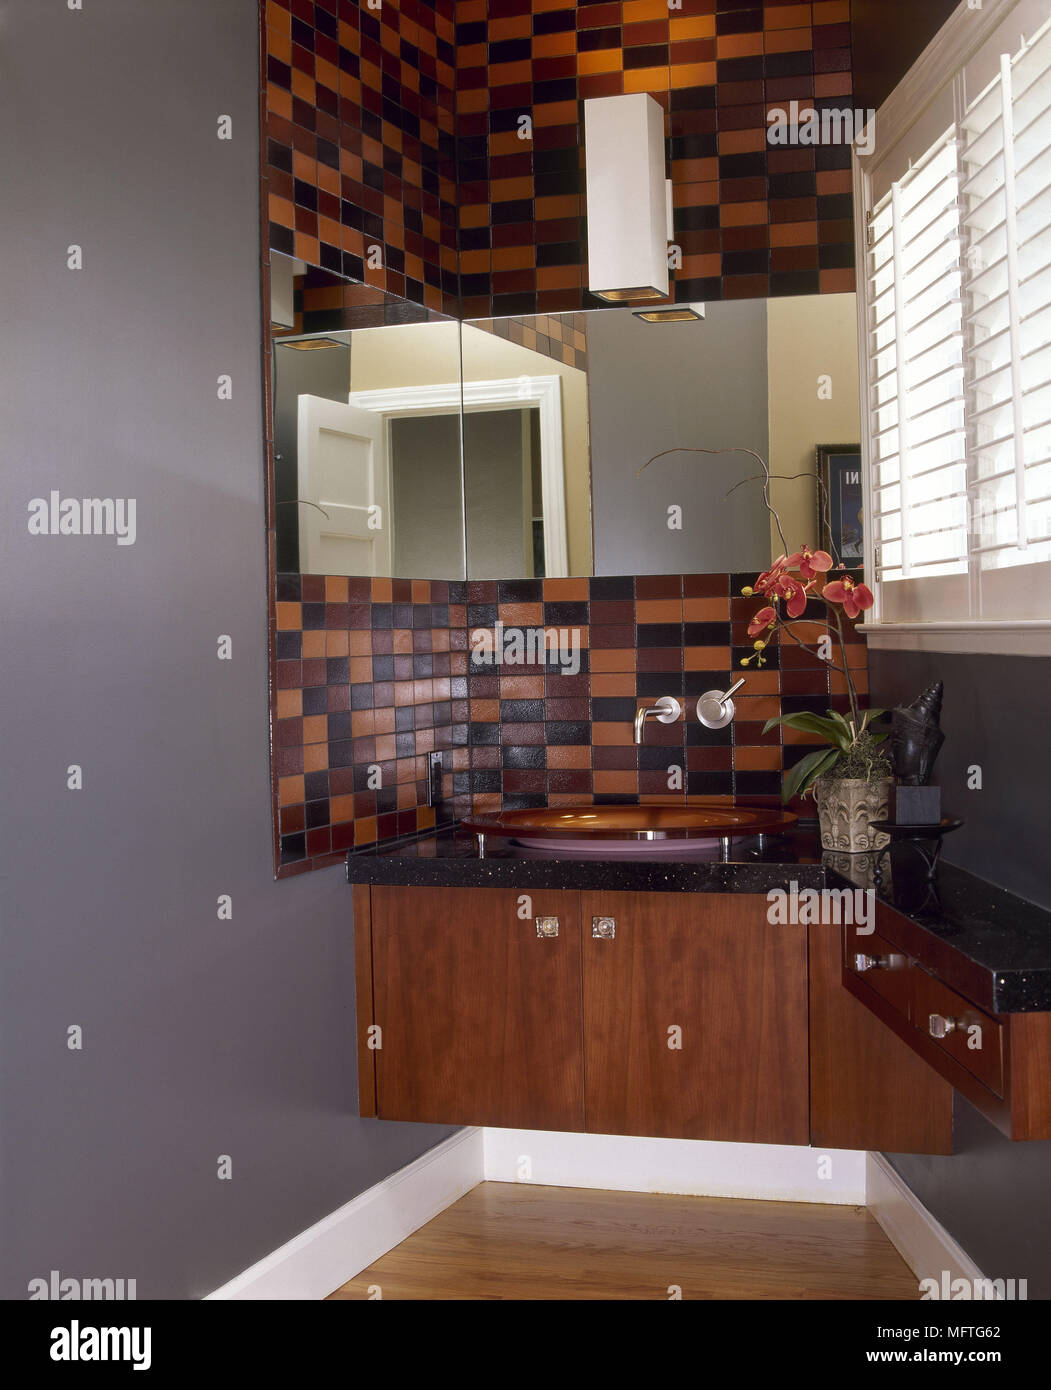 Modernes Badezimmer Waschbecken Schrank Rot Braun Fliesen